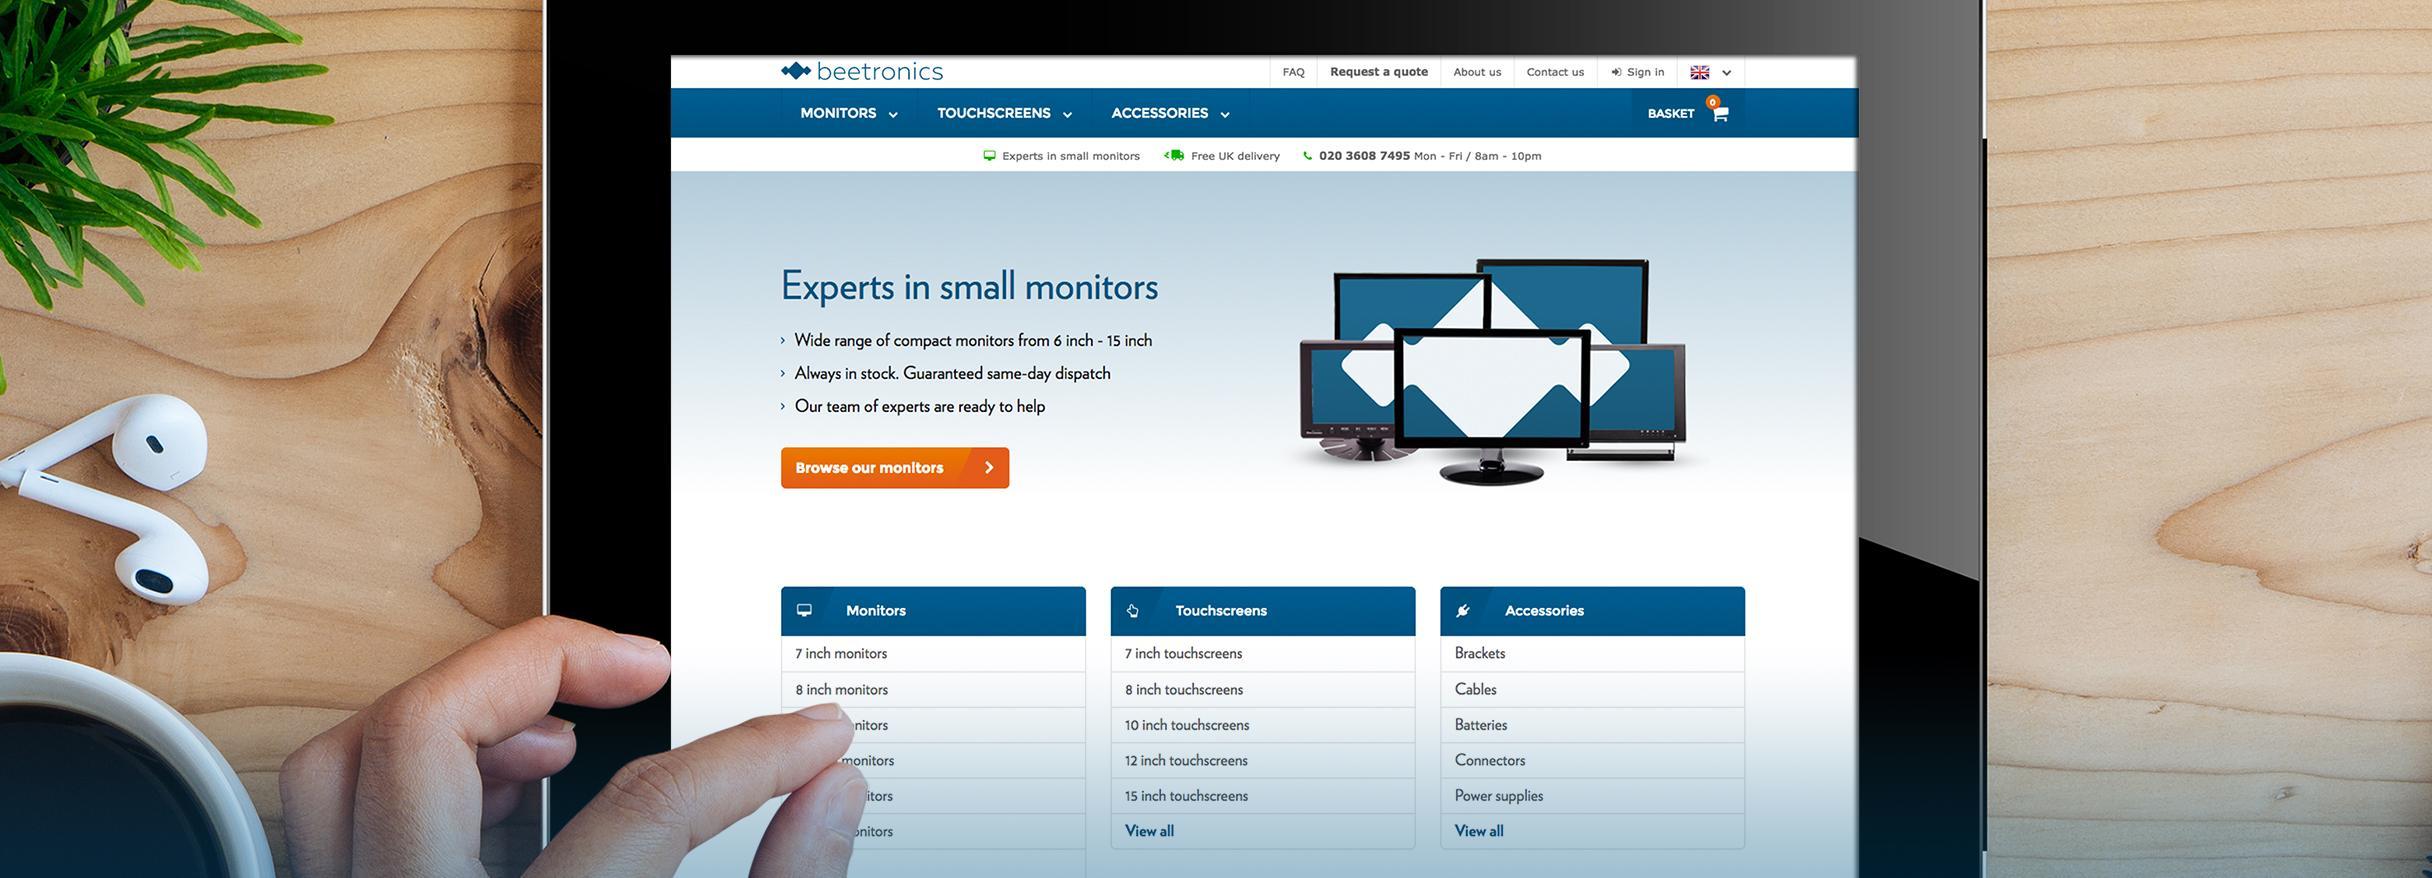 Webshop Beetronics